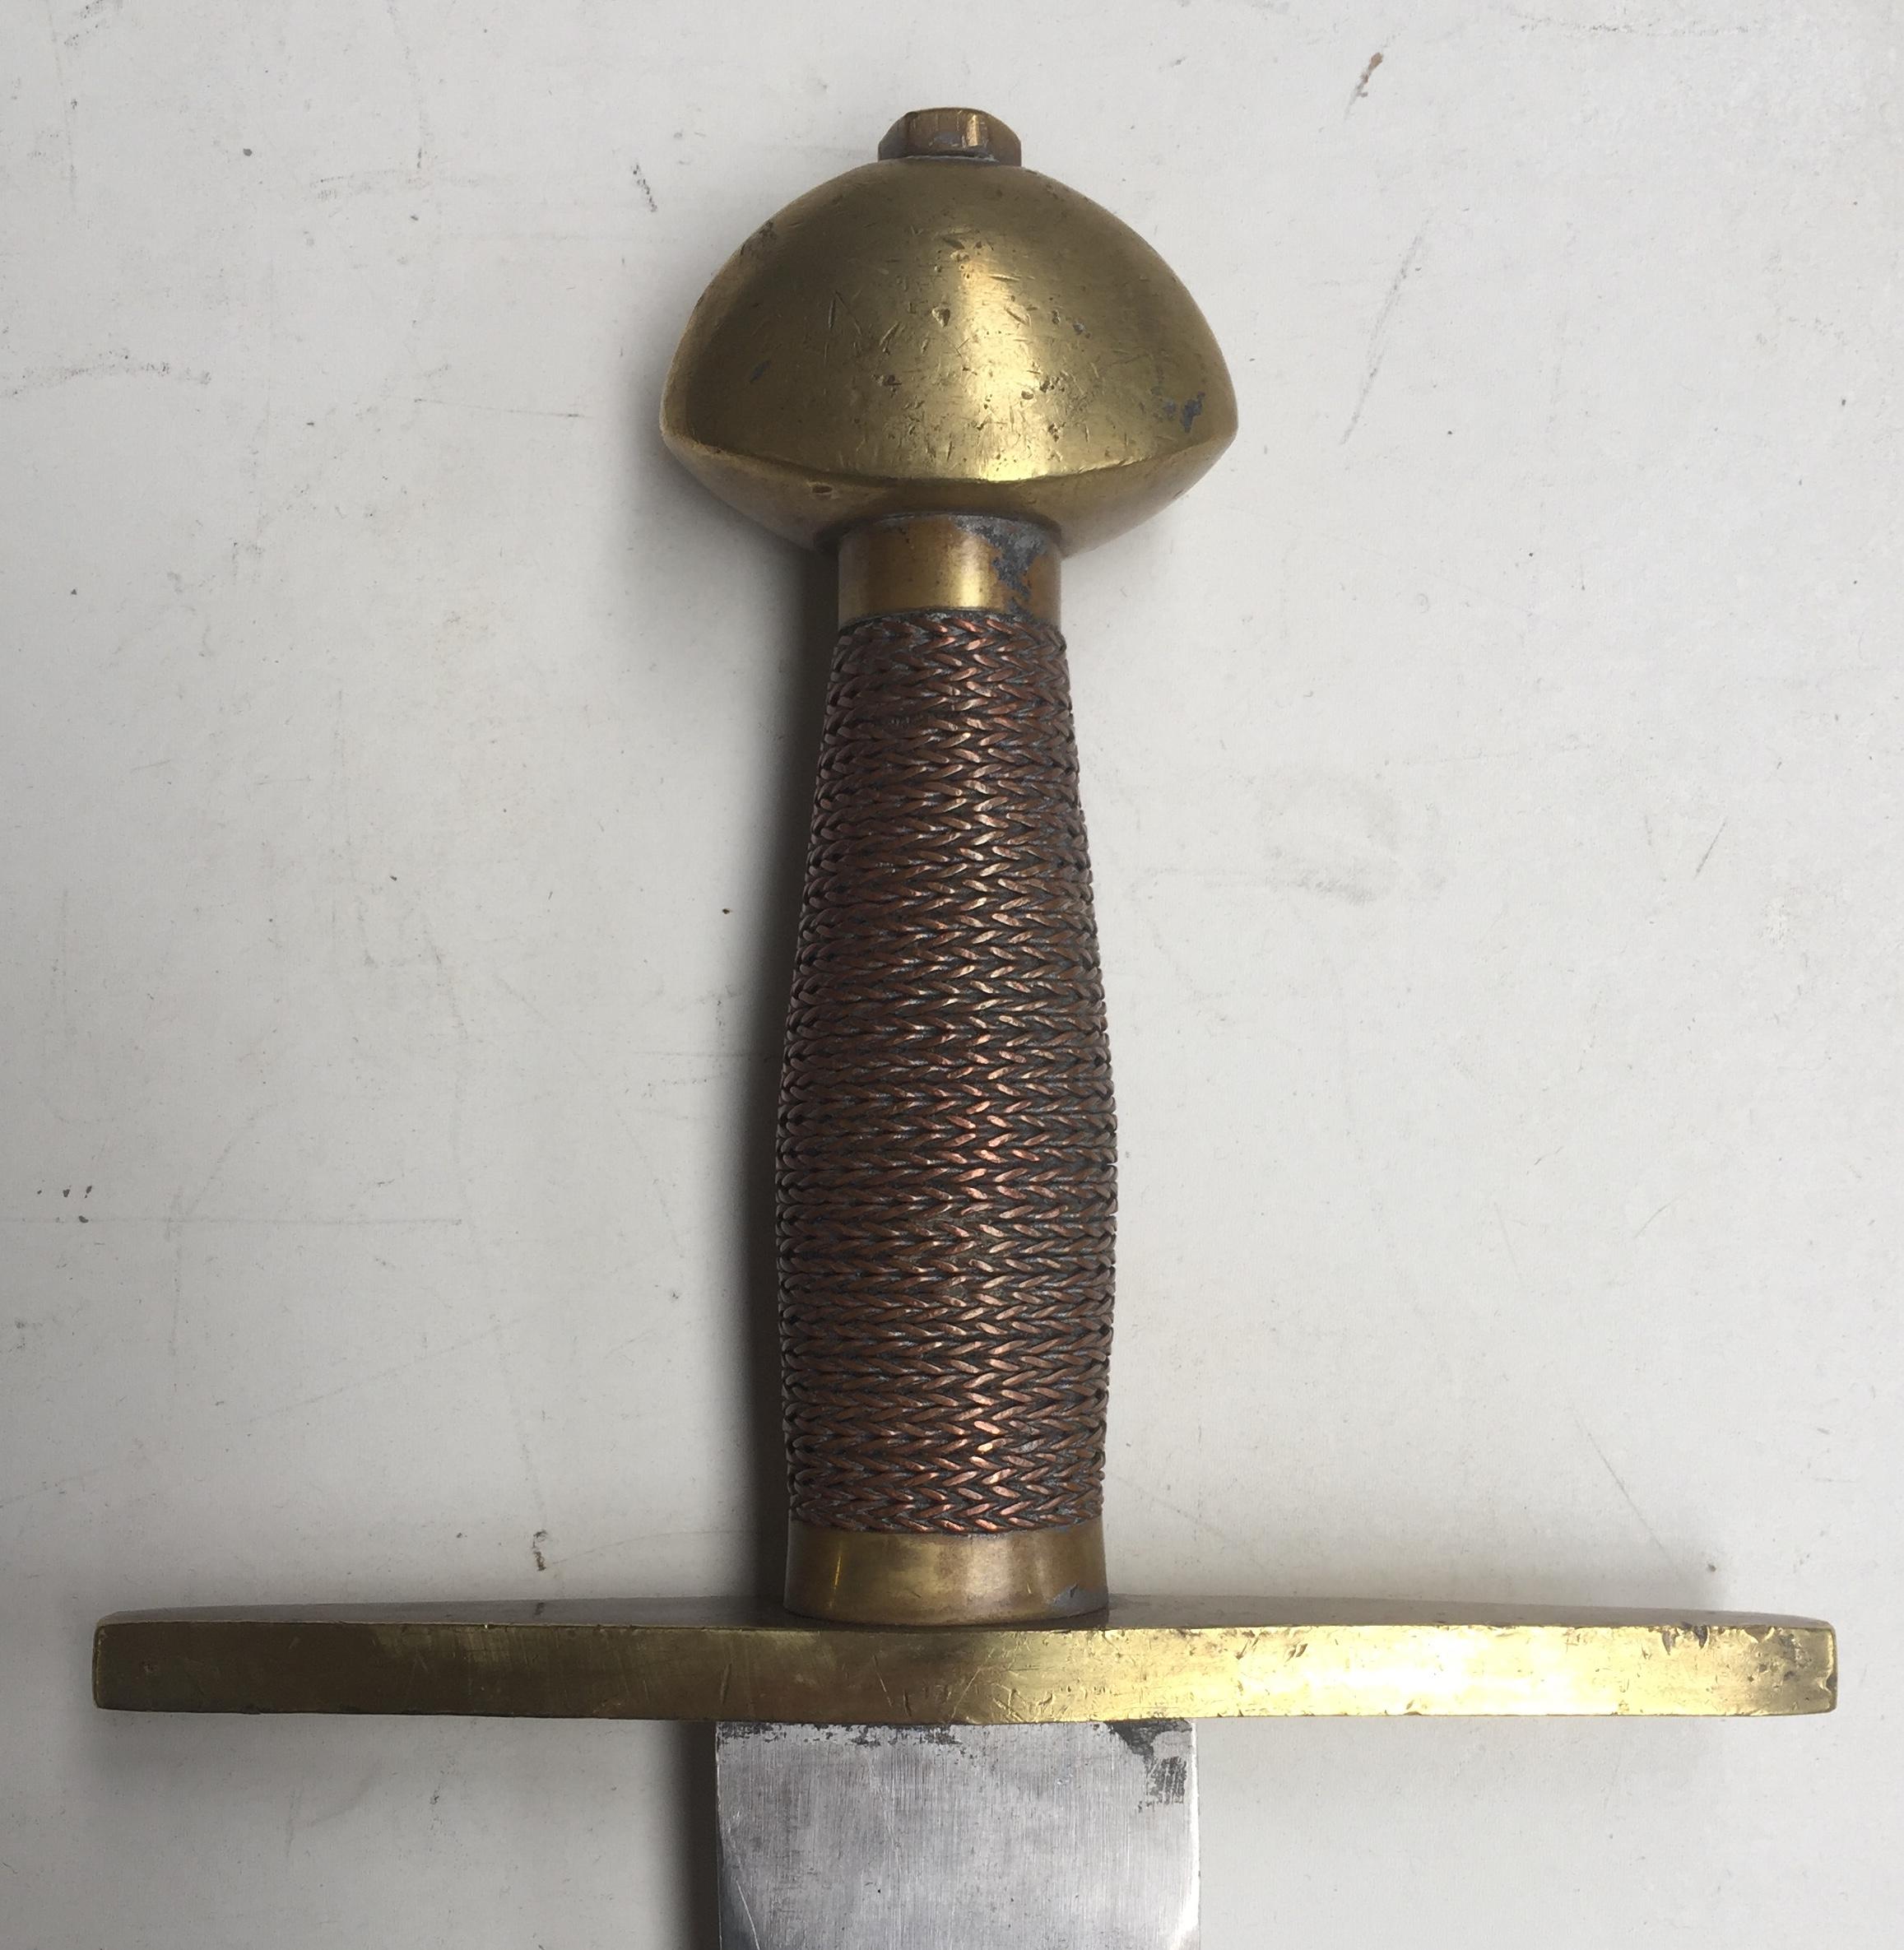 Brass walnut pommel with wire grip